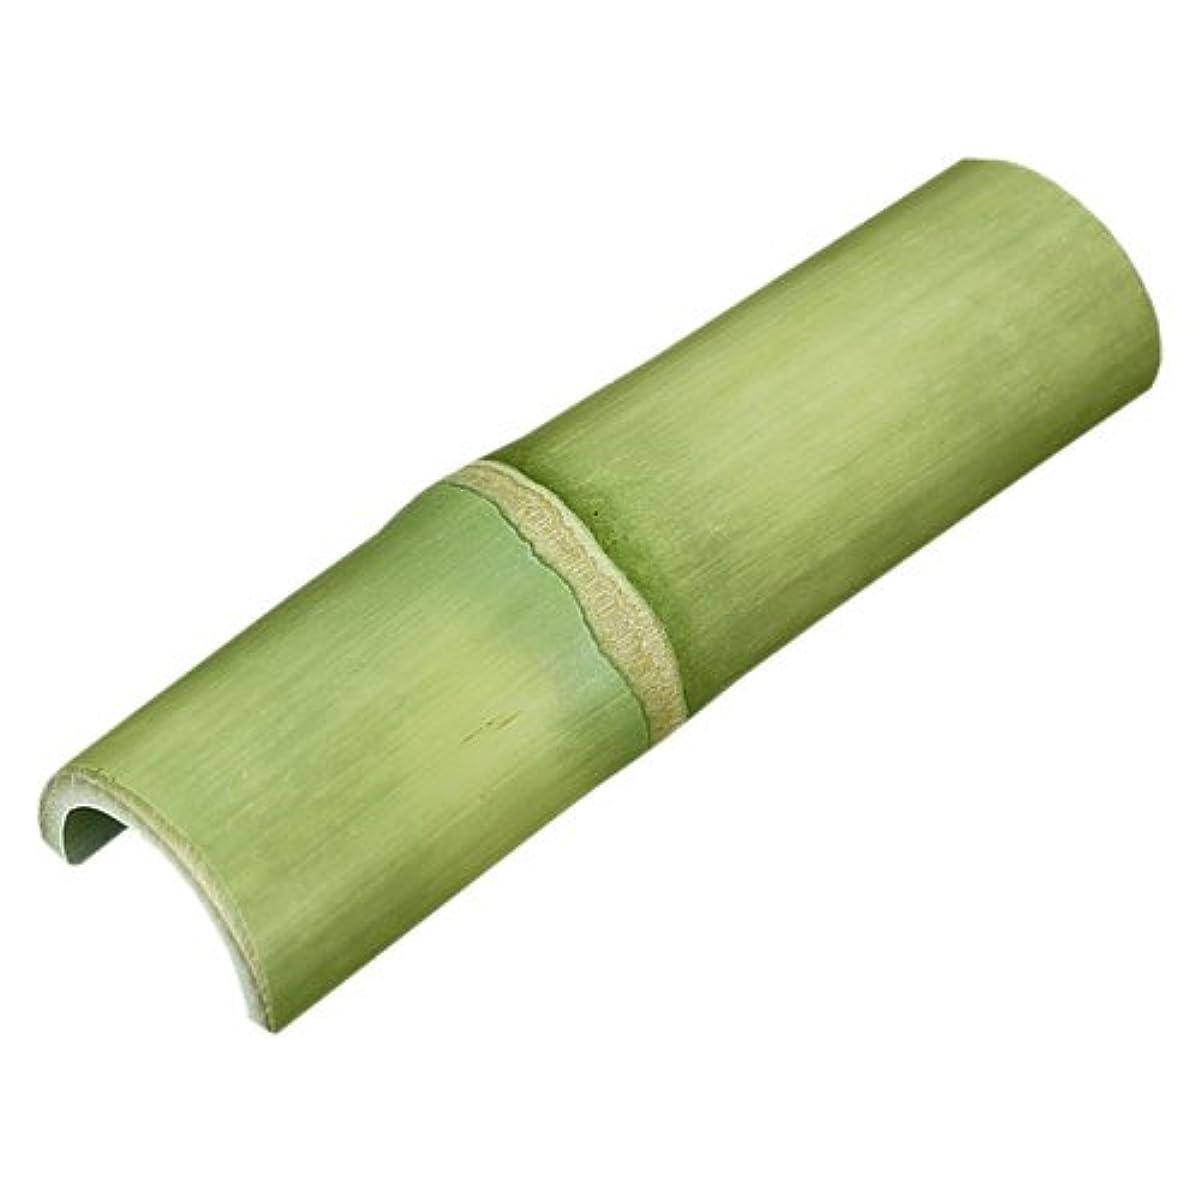 出発骨運ぶ【国産】青竹踏み(携帯用) 無塗装の天然竹そのままの踏み心地!出張先や旅行先で手軽に足裏マッサージ便利なコンパクトサイズの携帯用青竹踏み